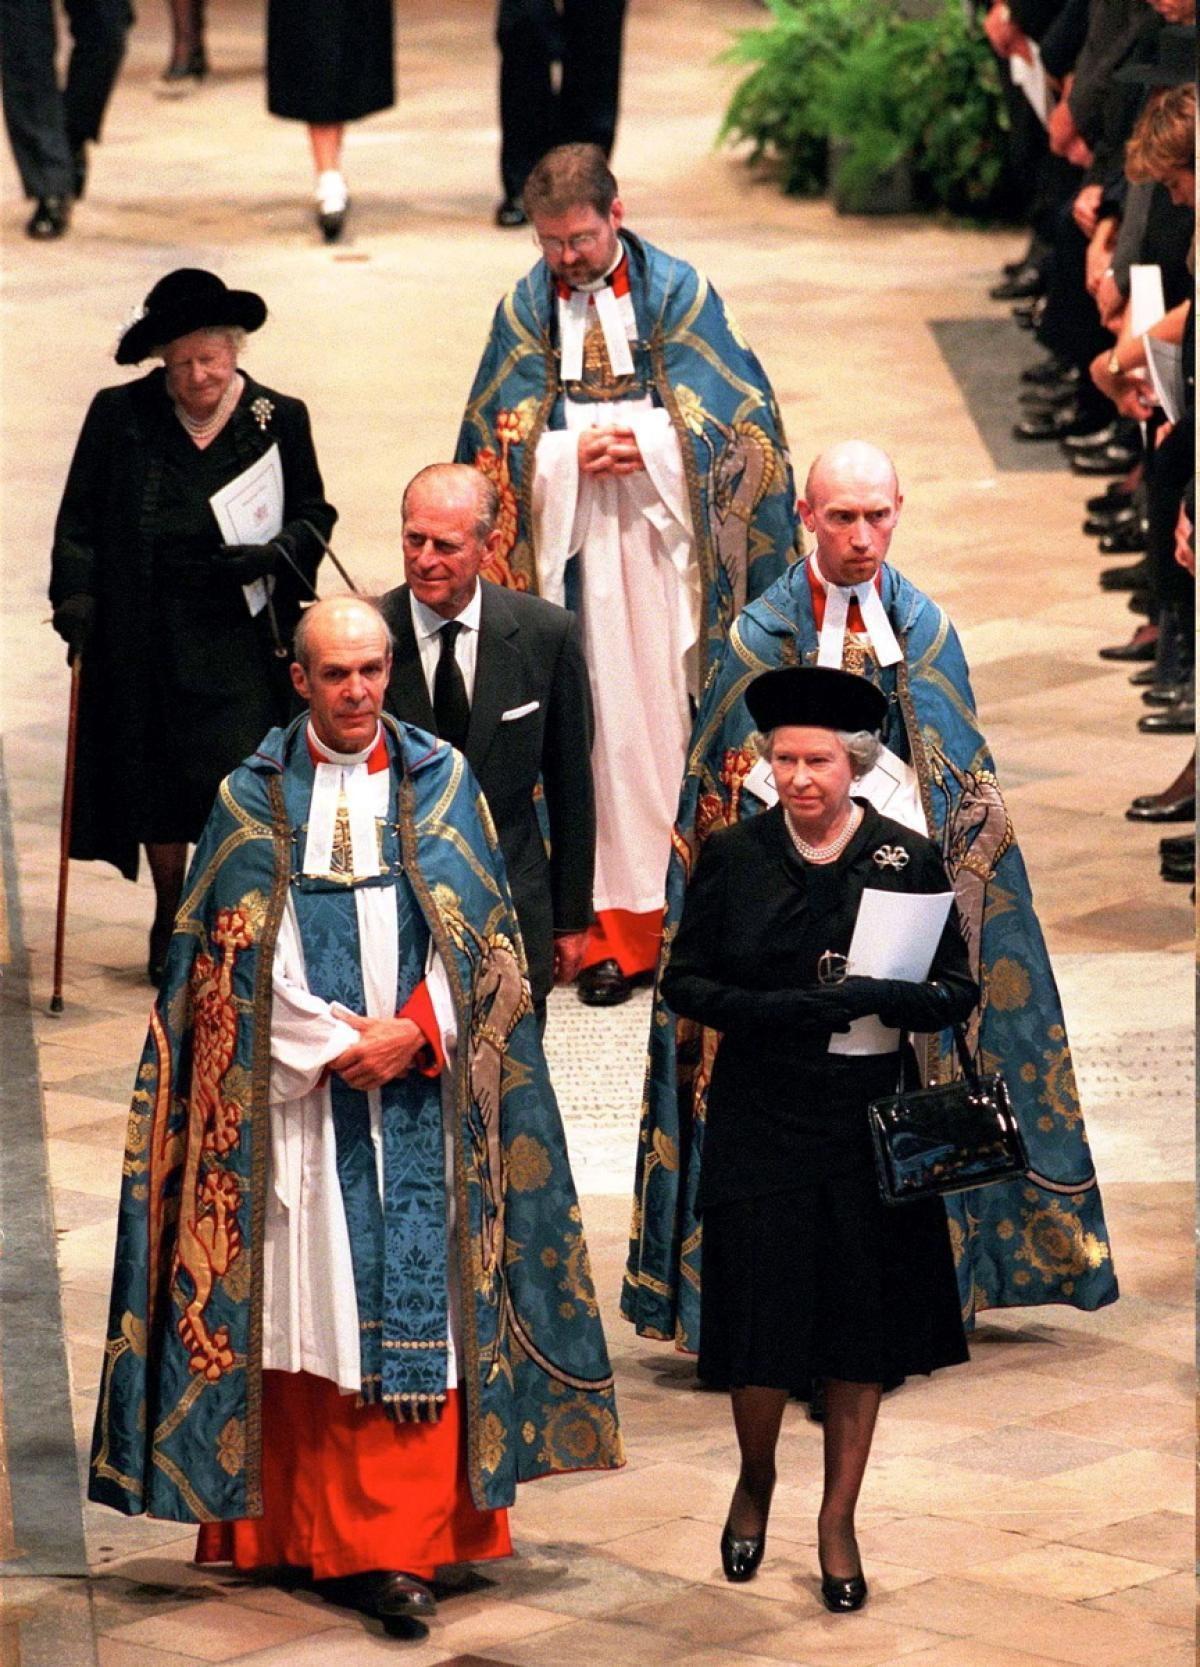 Queen Elizabeth II attends funeral of Princess Diana